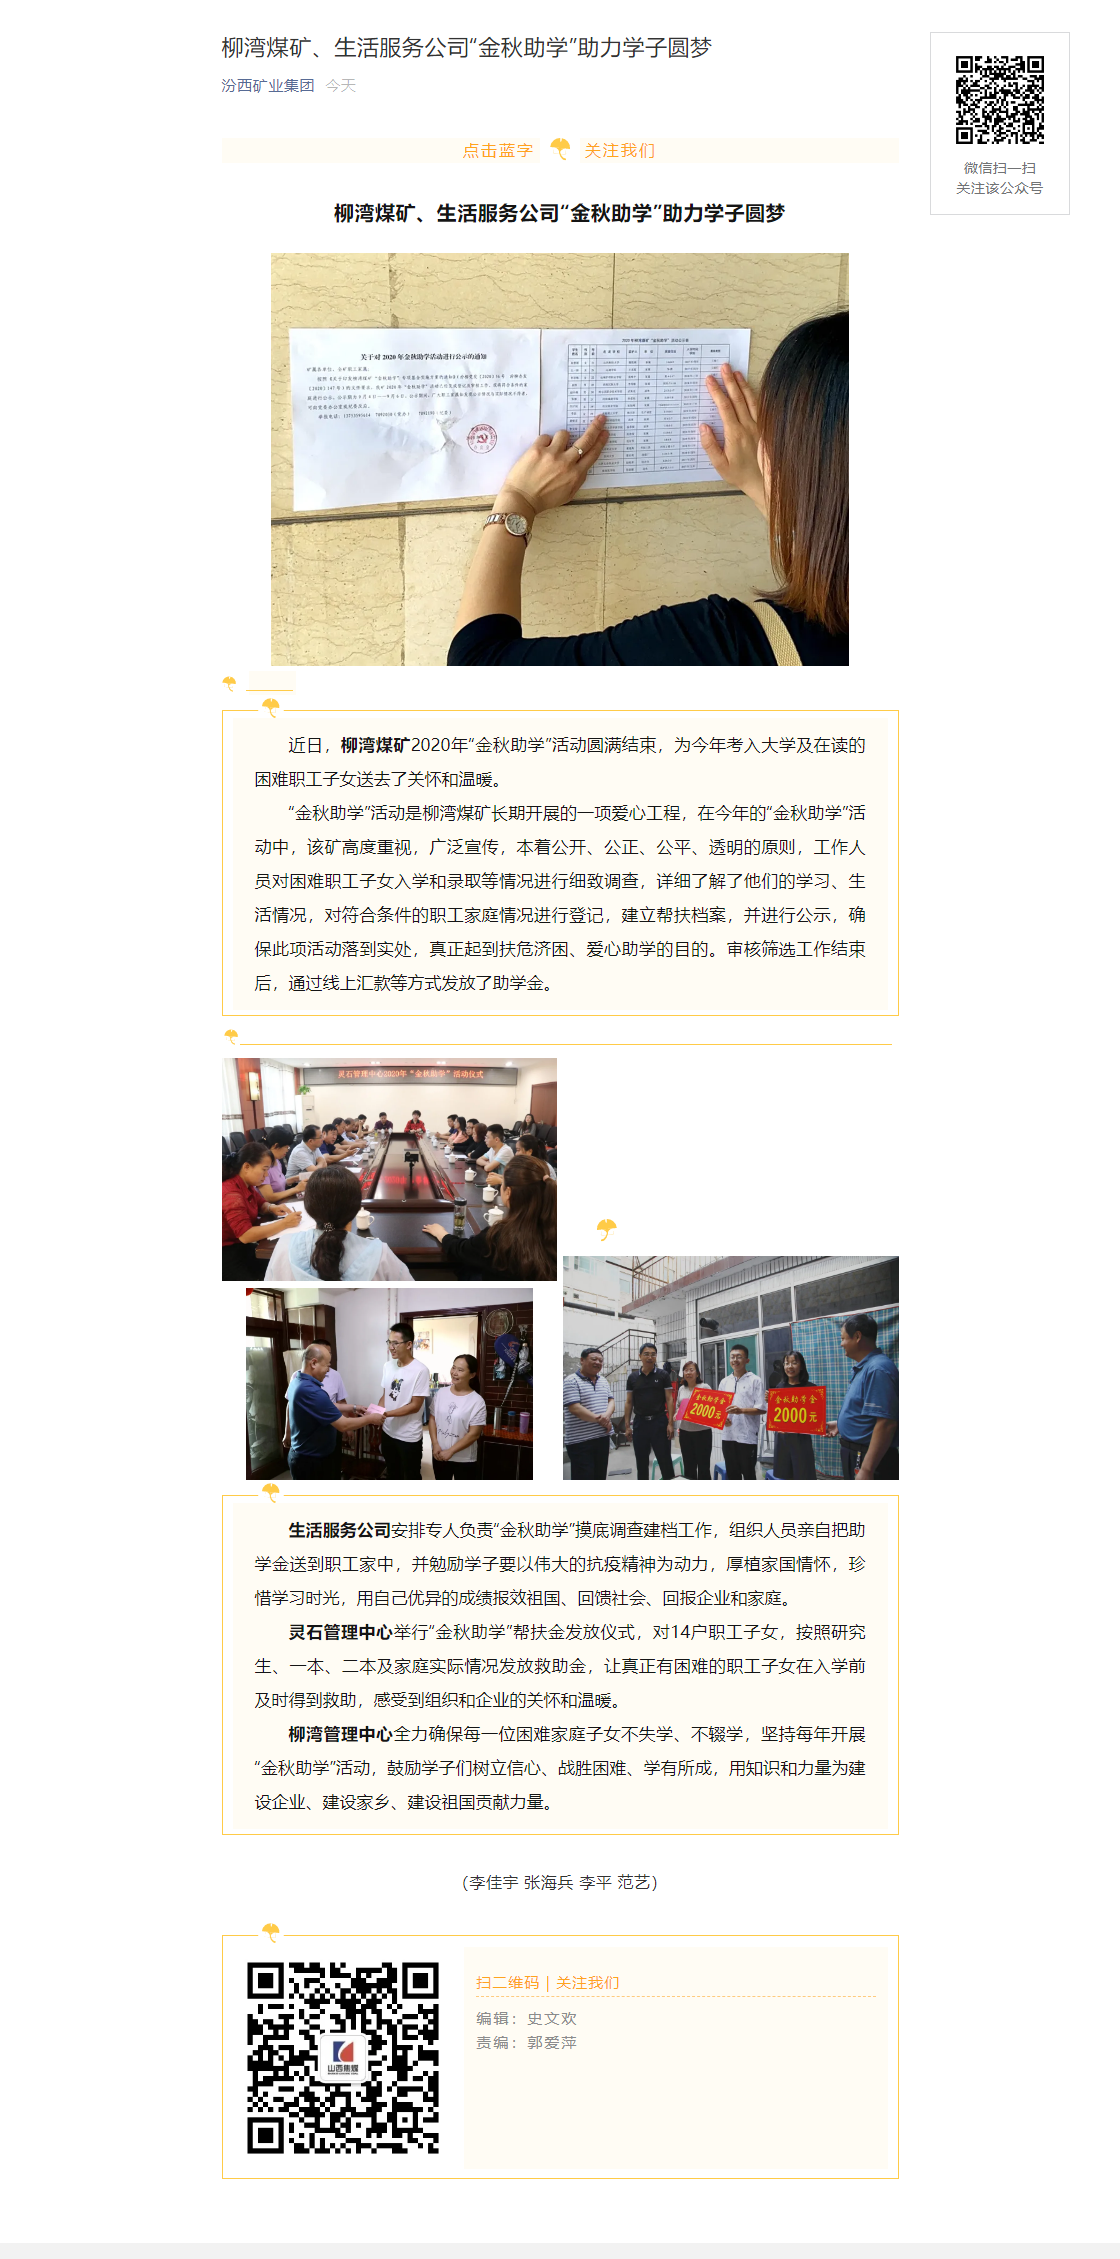 """柳湾煤矿、生活服务公司""""金秋助学""""助力学子圆梦.png"""